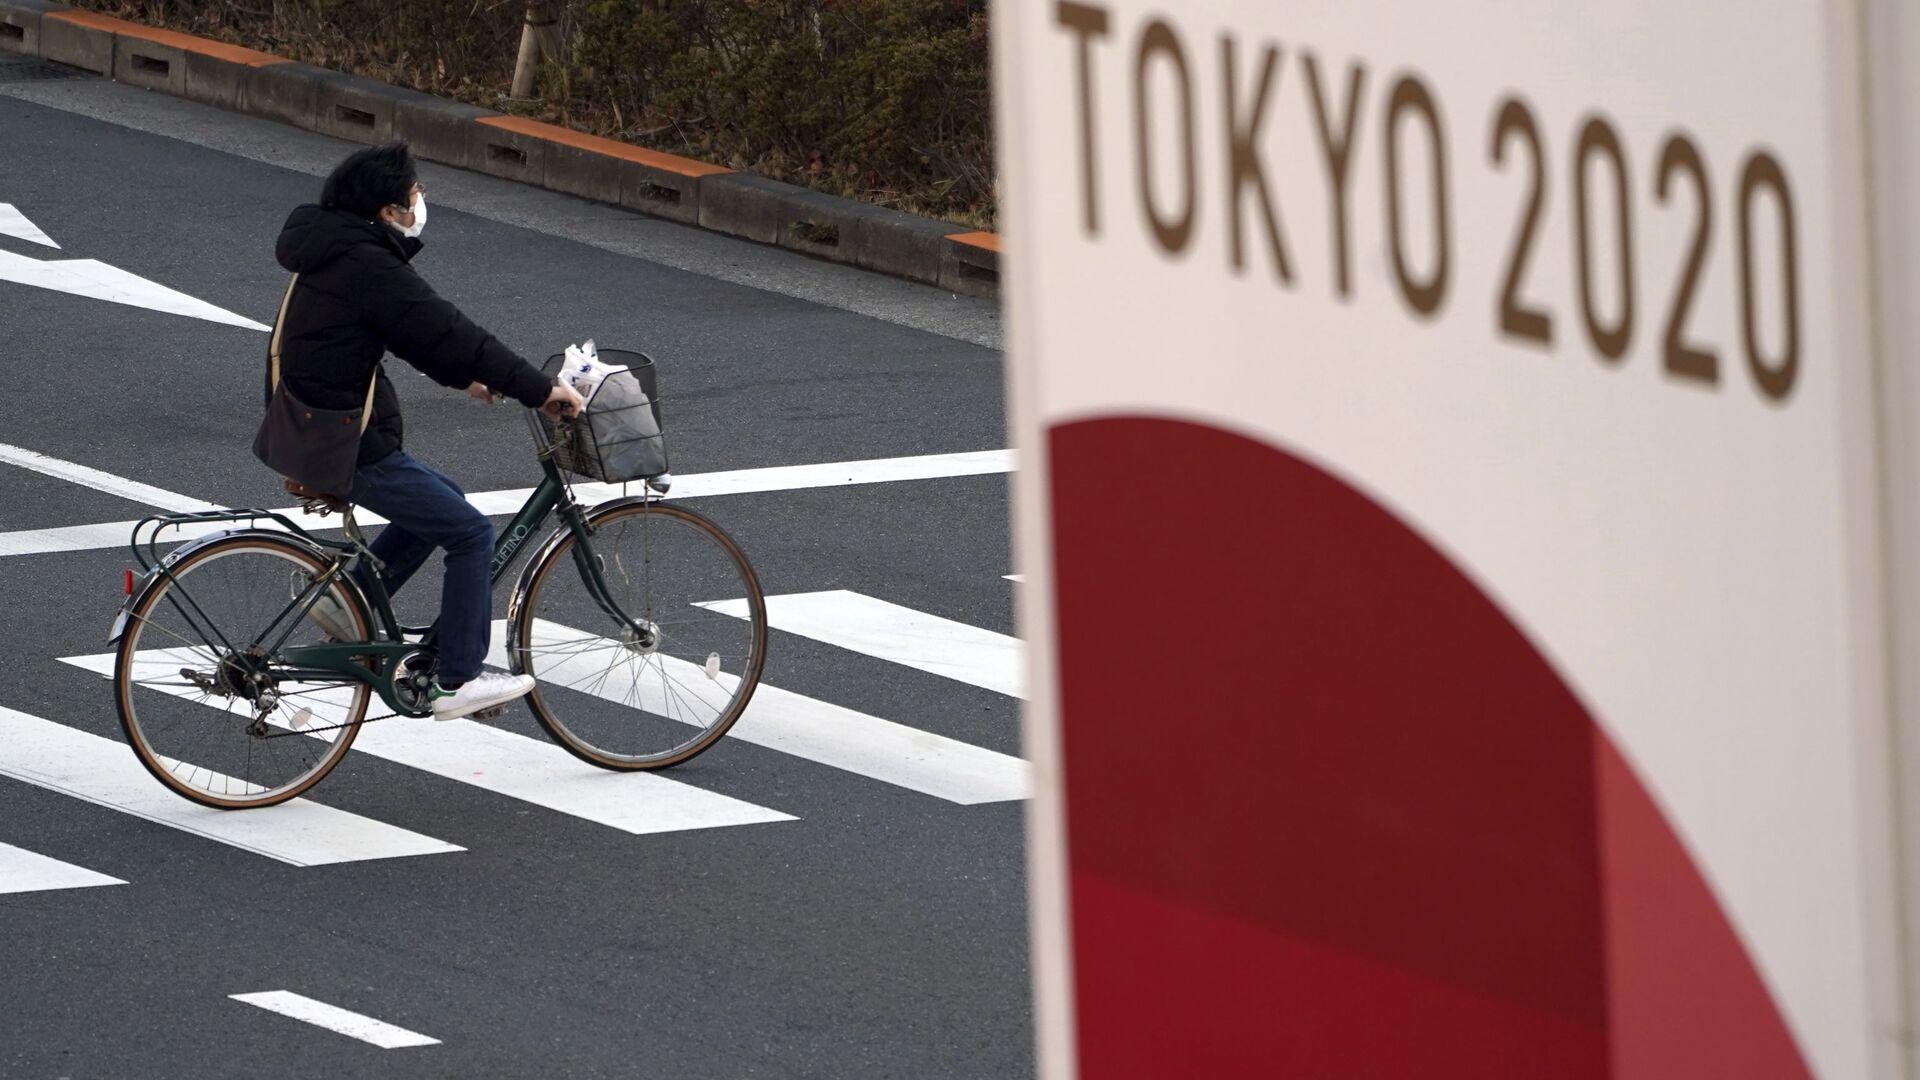 Olimpiada 2020 w Japonii - Sputnik Polska, 1920, 31.07.2021